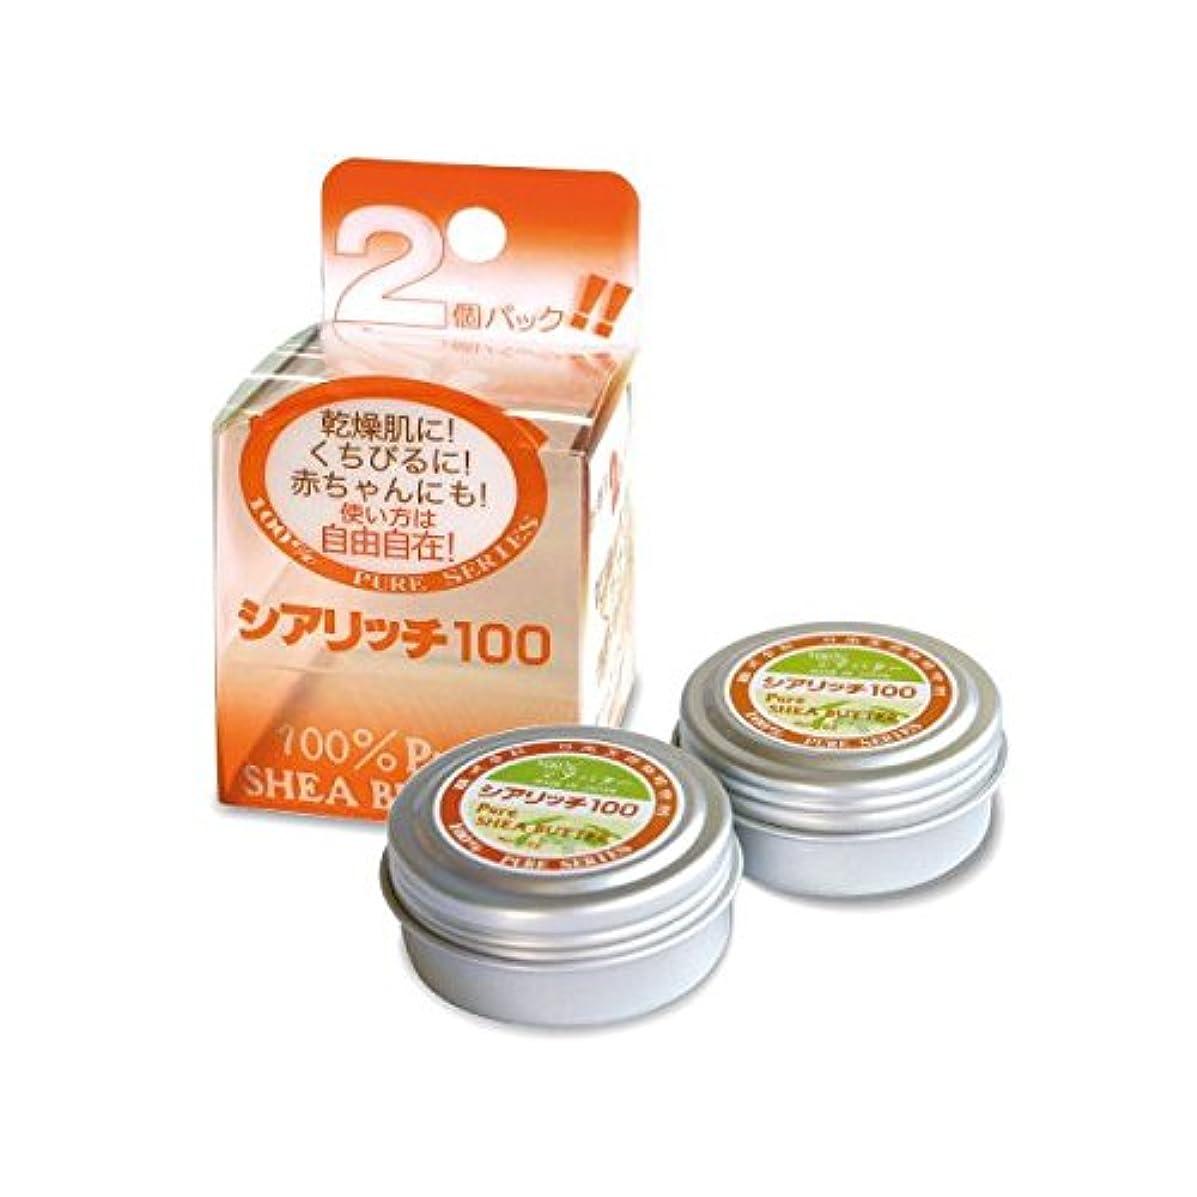 確認してくださいパニックエントリ日本天然物研究所 シアリッチ100 (8g×2個入り)【単品】(無添加100%シアバター)無香料